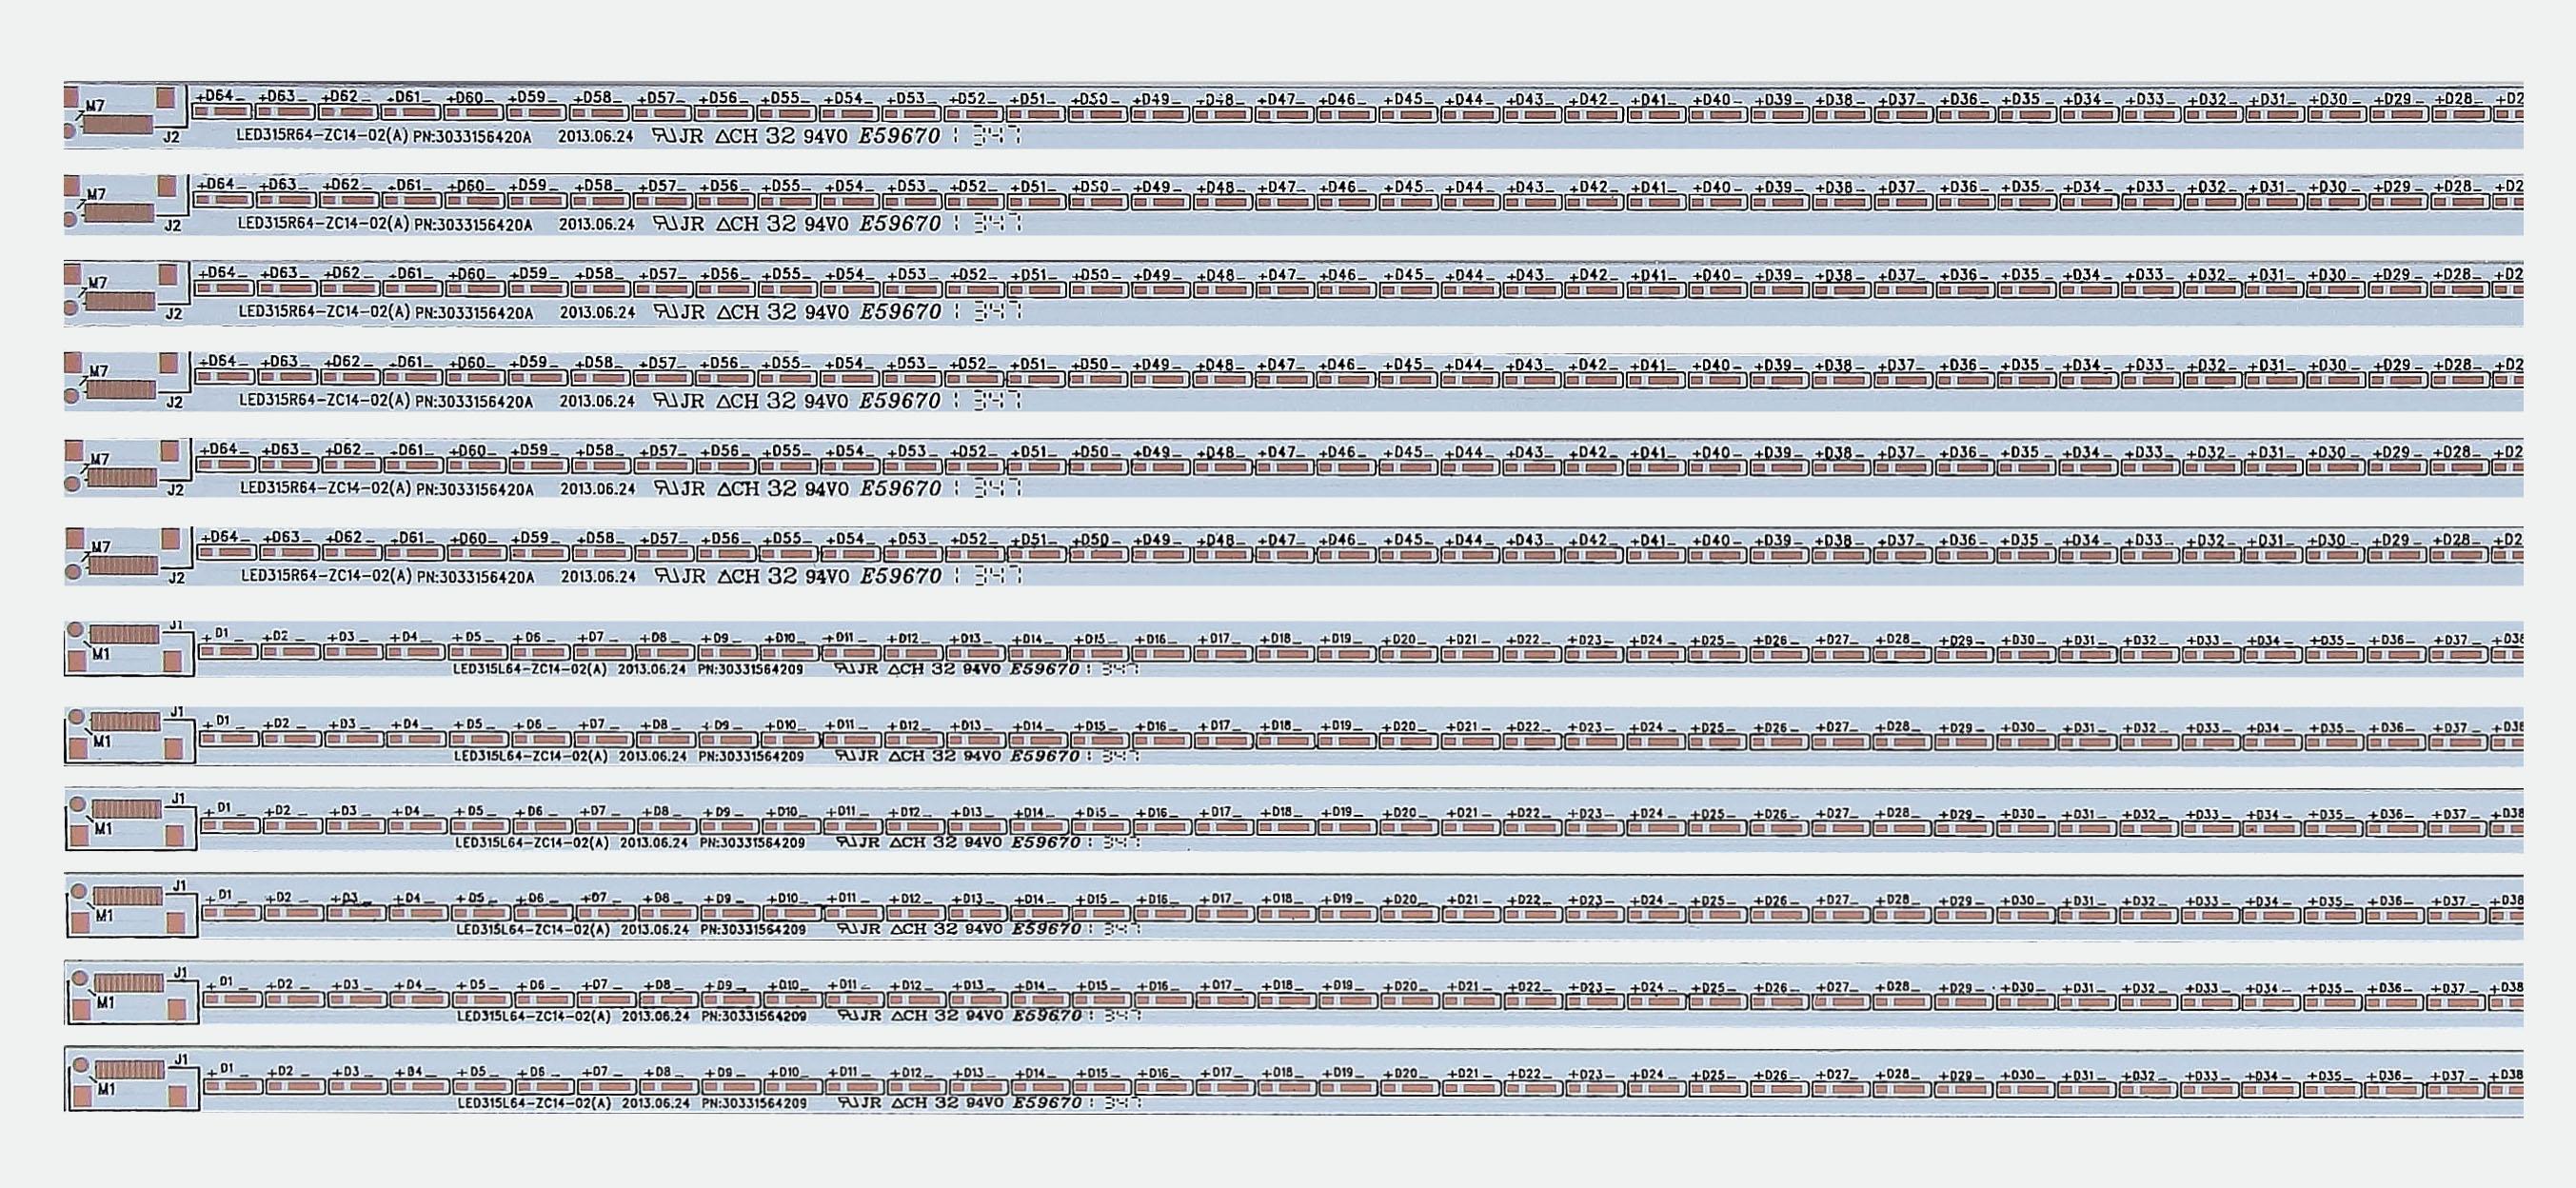 专业生产 铝基板湖南  广东省铝基板 湖南省铝基板 东莞市铝基板 江西省铝基板 广东省铝基板生产 铝基板加工